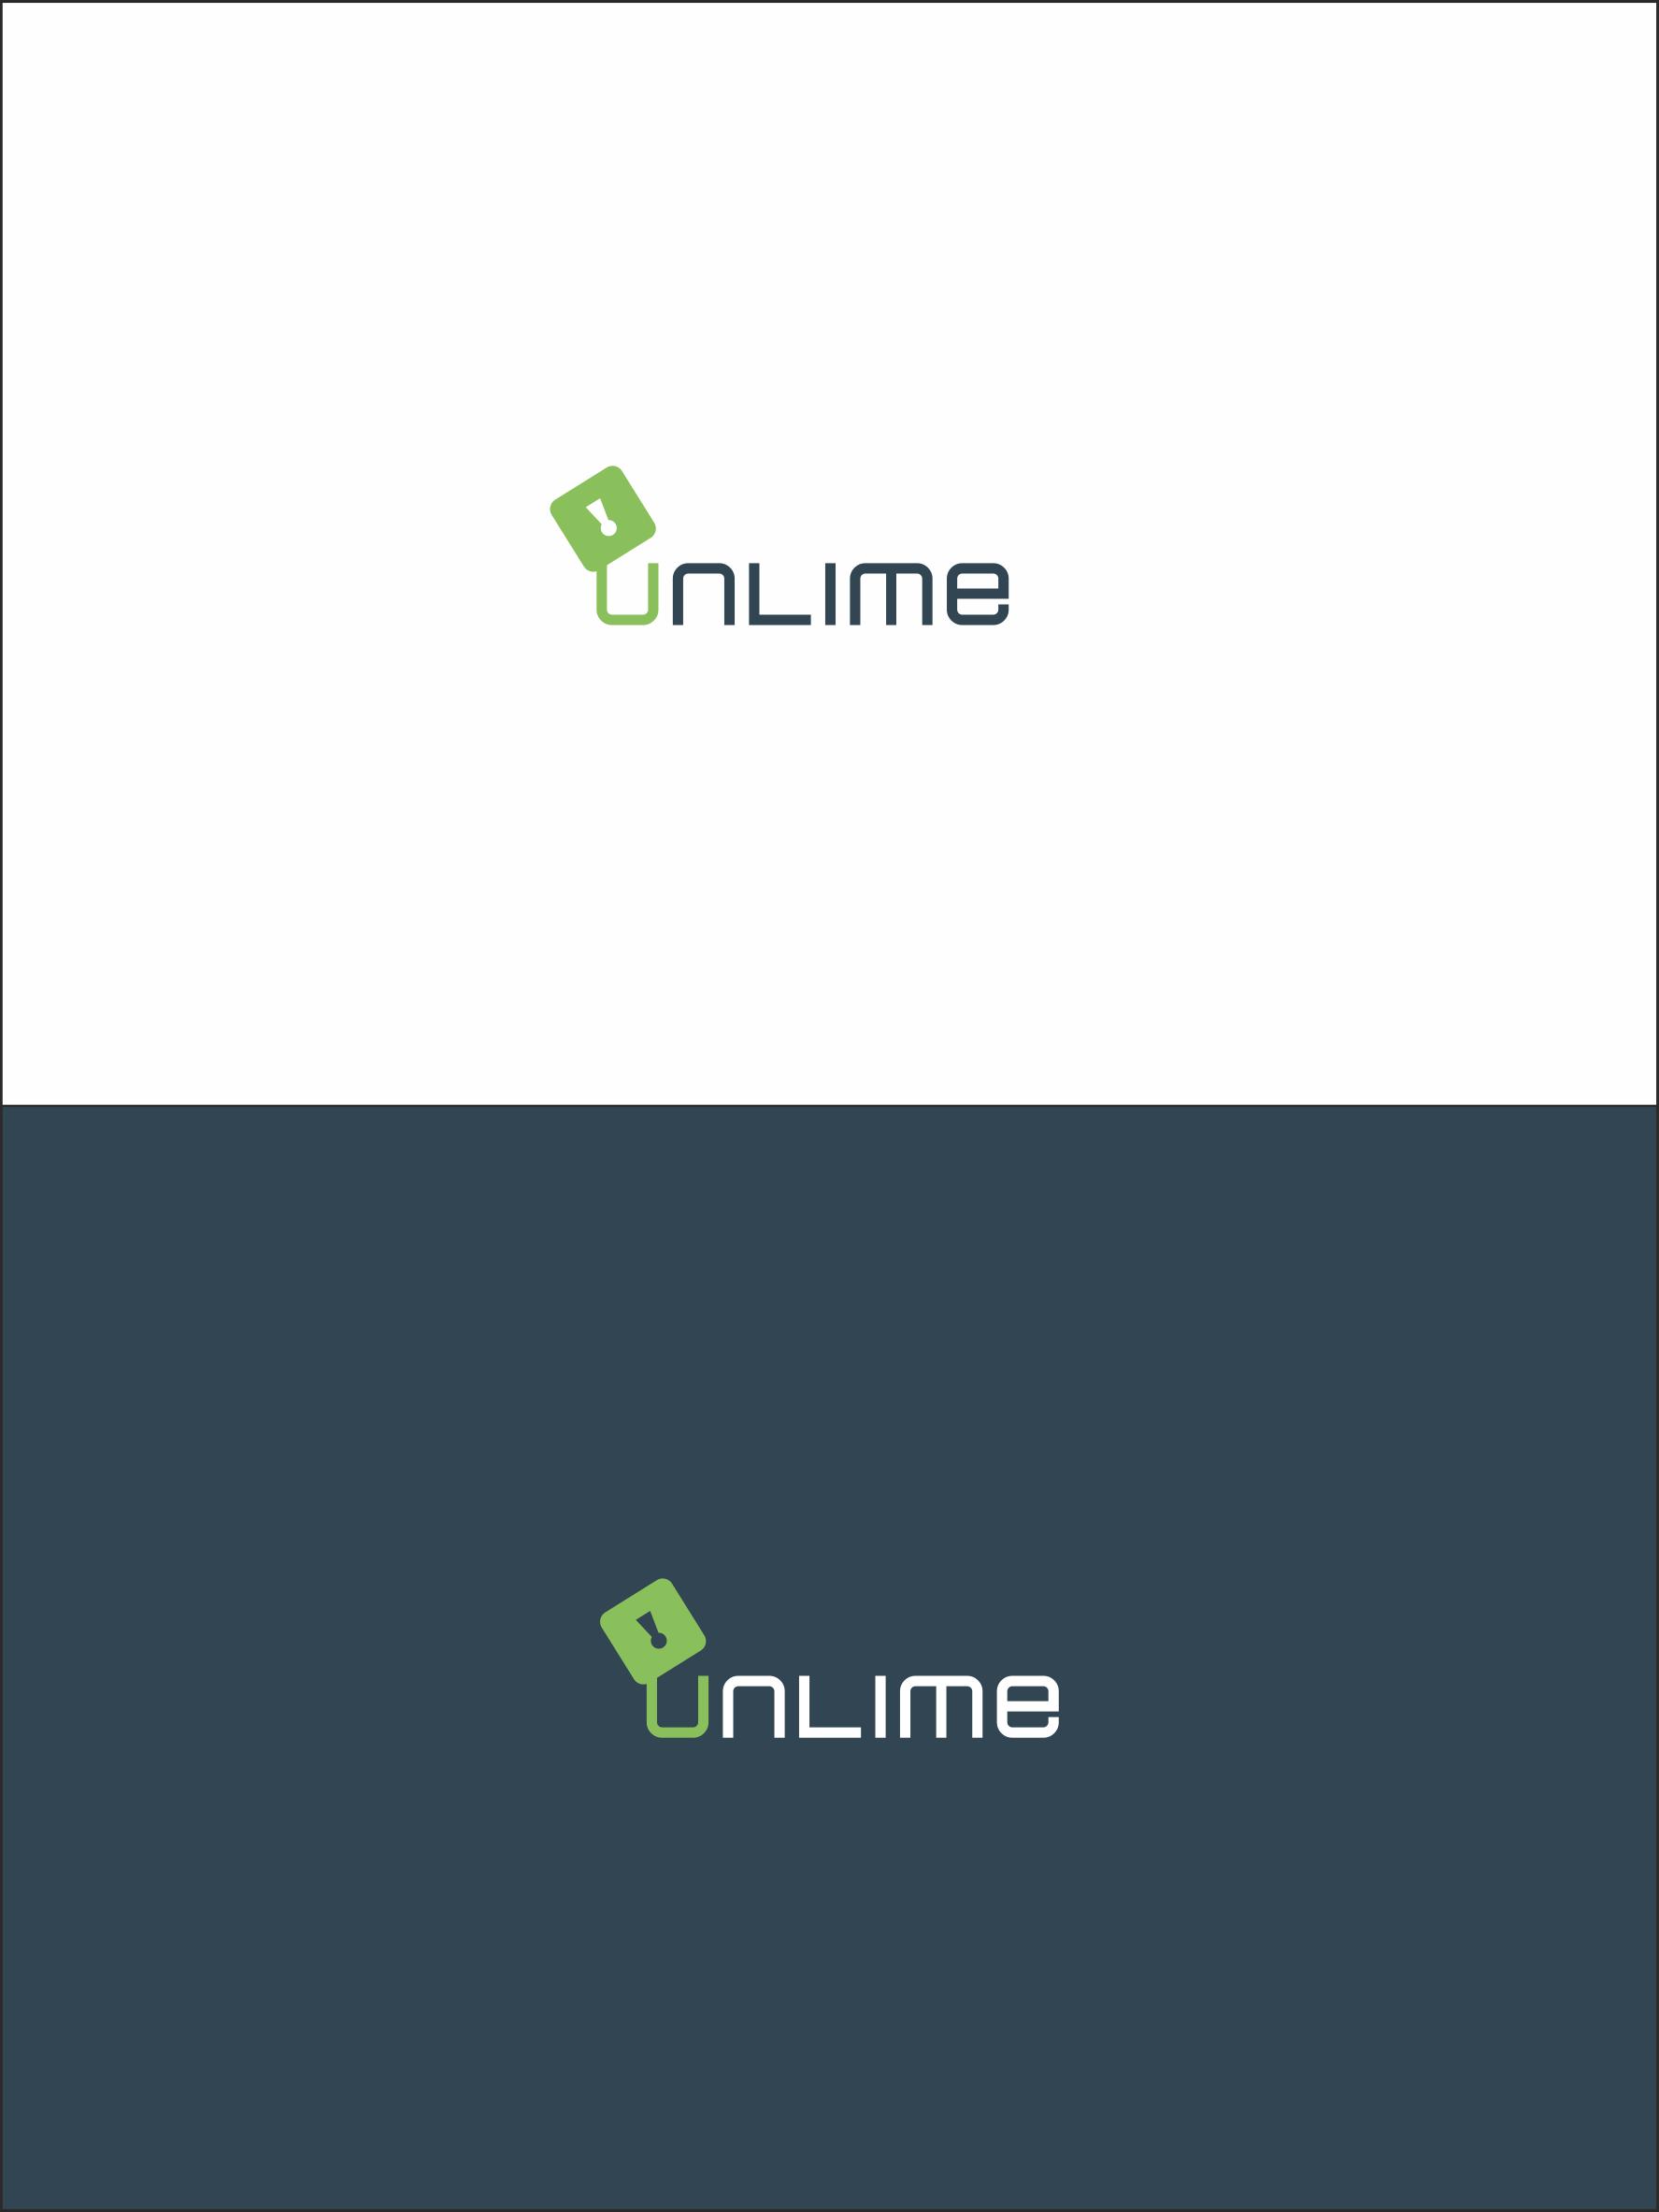 Разработка логотипа и фирменного стиля фото f_6975944b06b85738.png